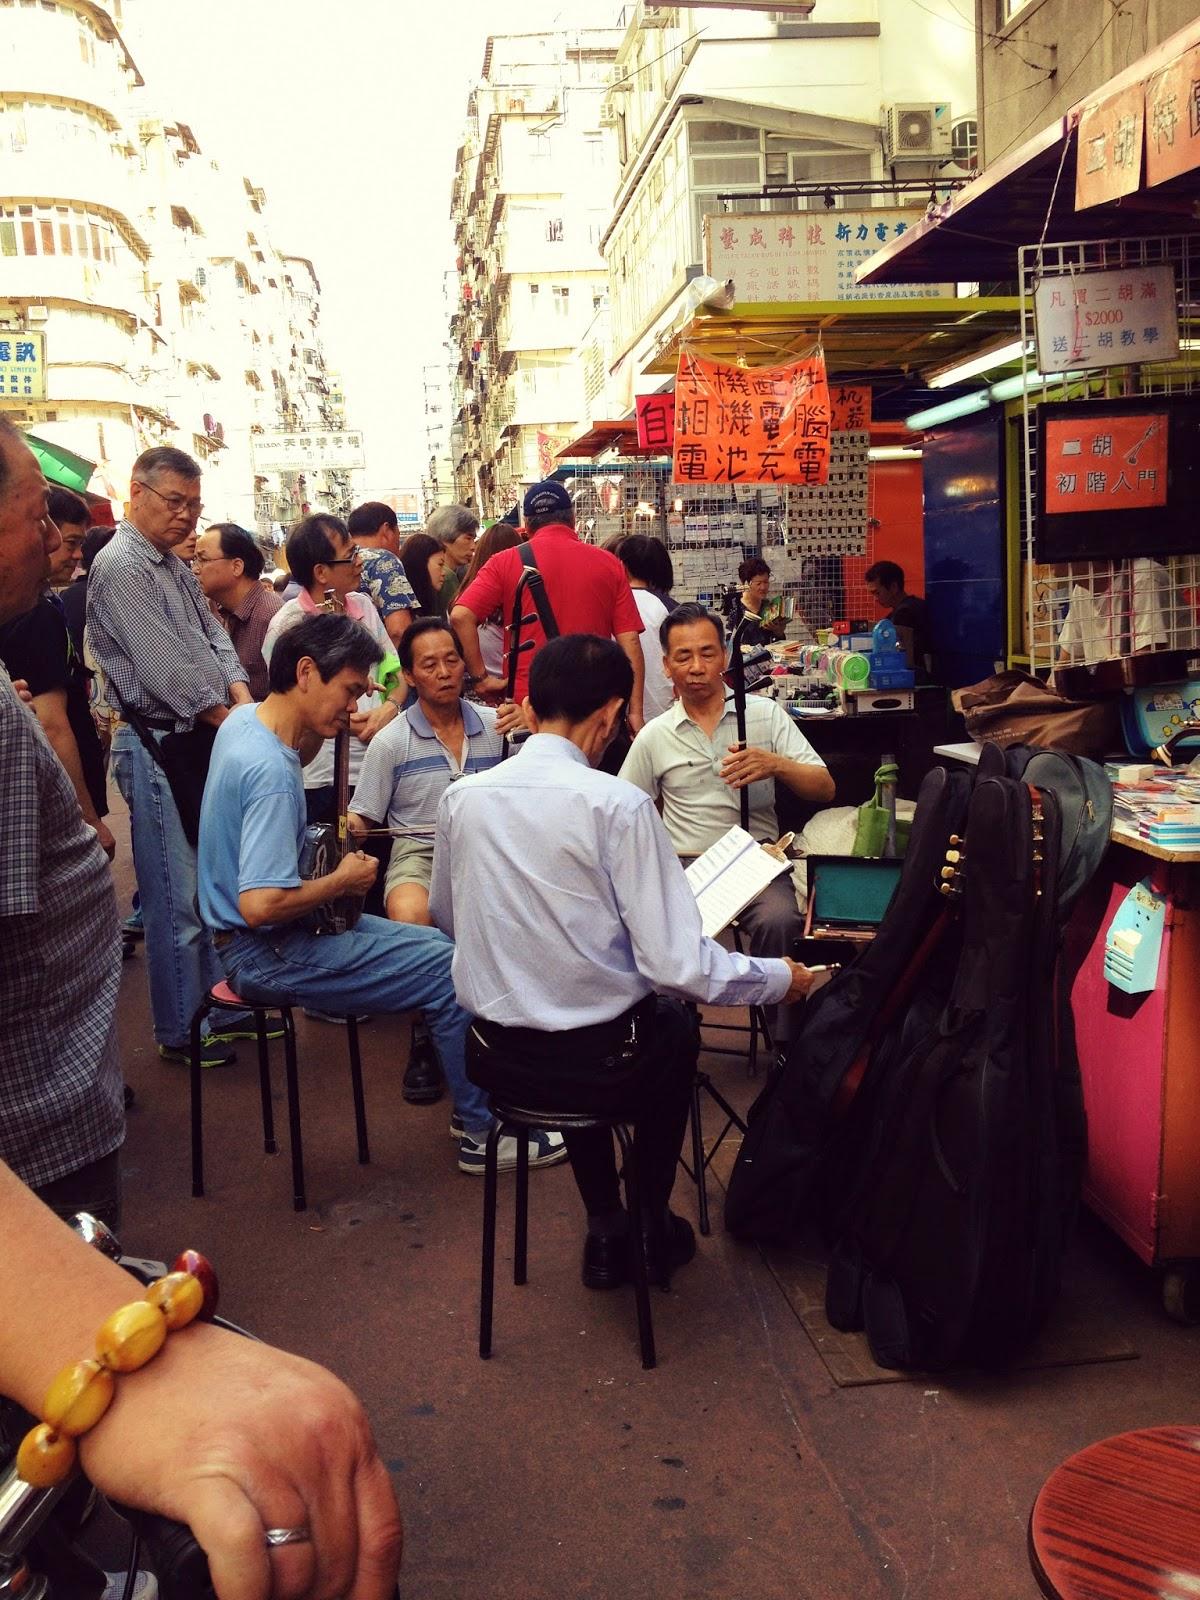 yiwelim, yi wei lim, yiwei lim, hong kong, sham shui po, apliu street, erhu, chinese, chinese musicians, street sights, kowloon